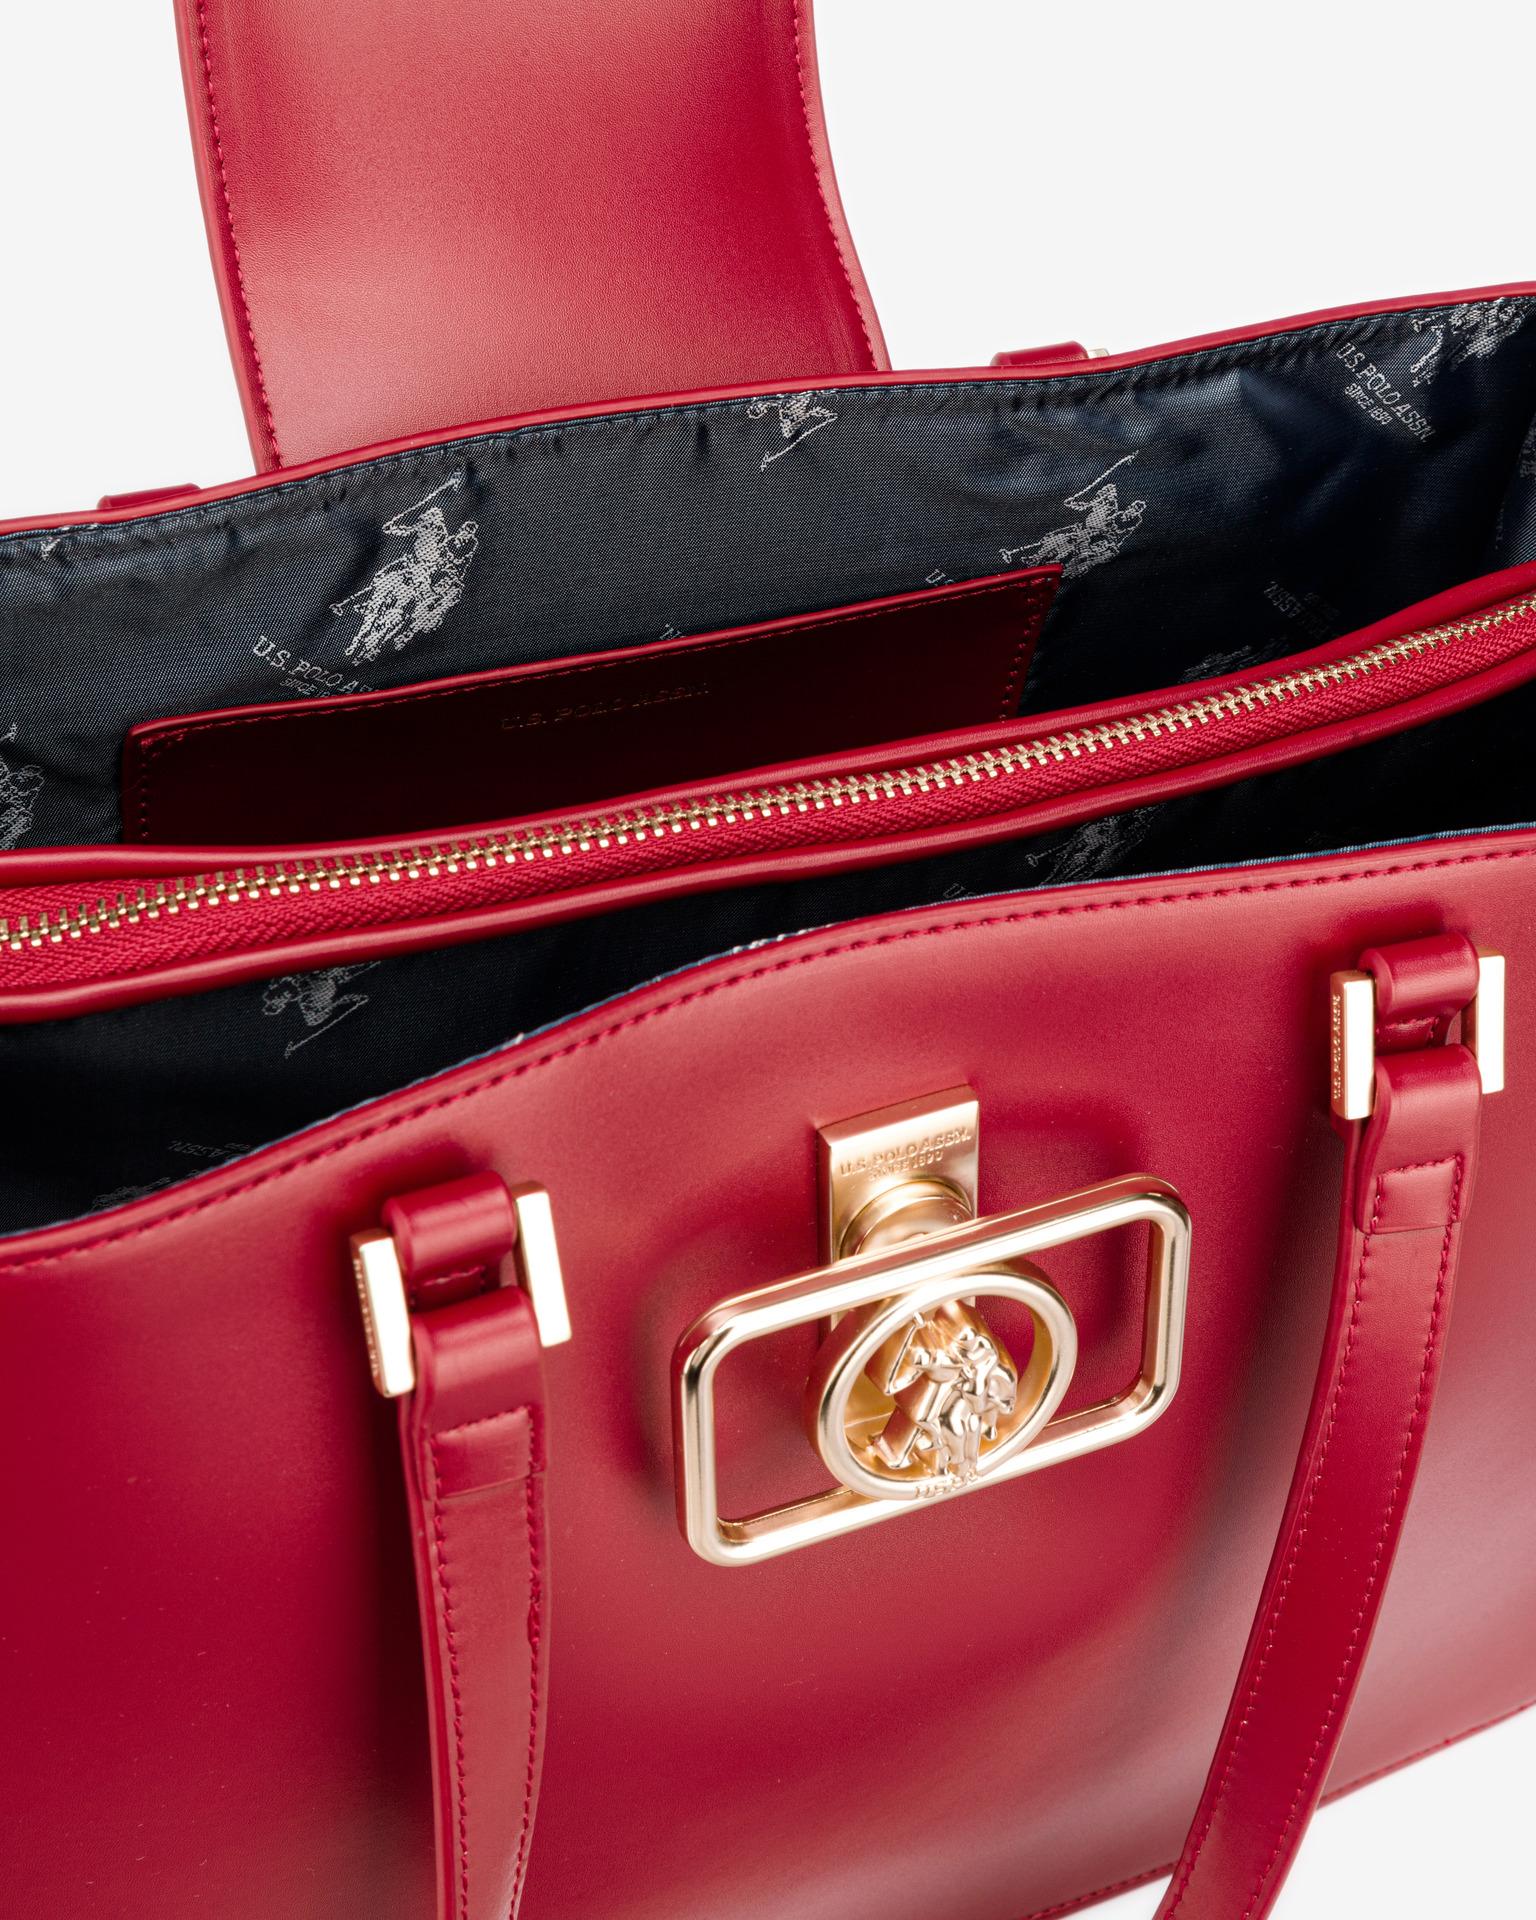 U.S. Polo Assn. Borsetta donna rosso  Shopping